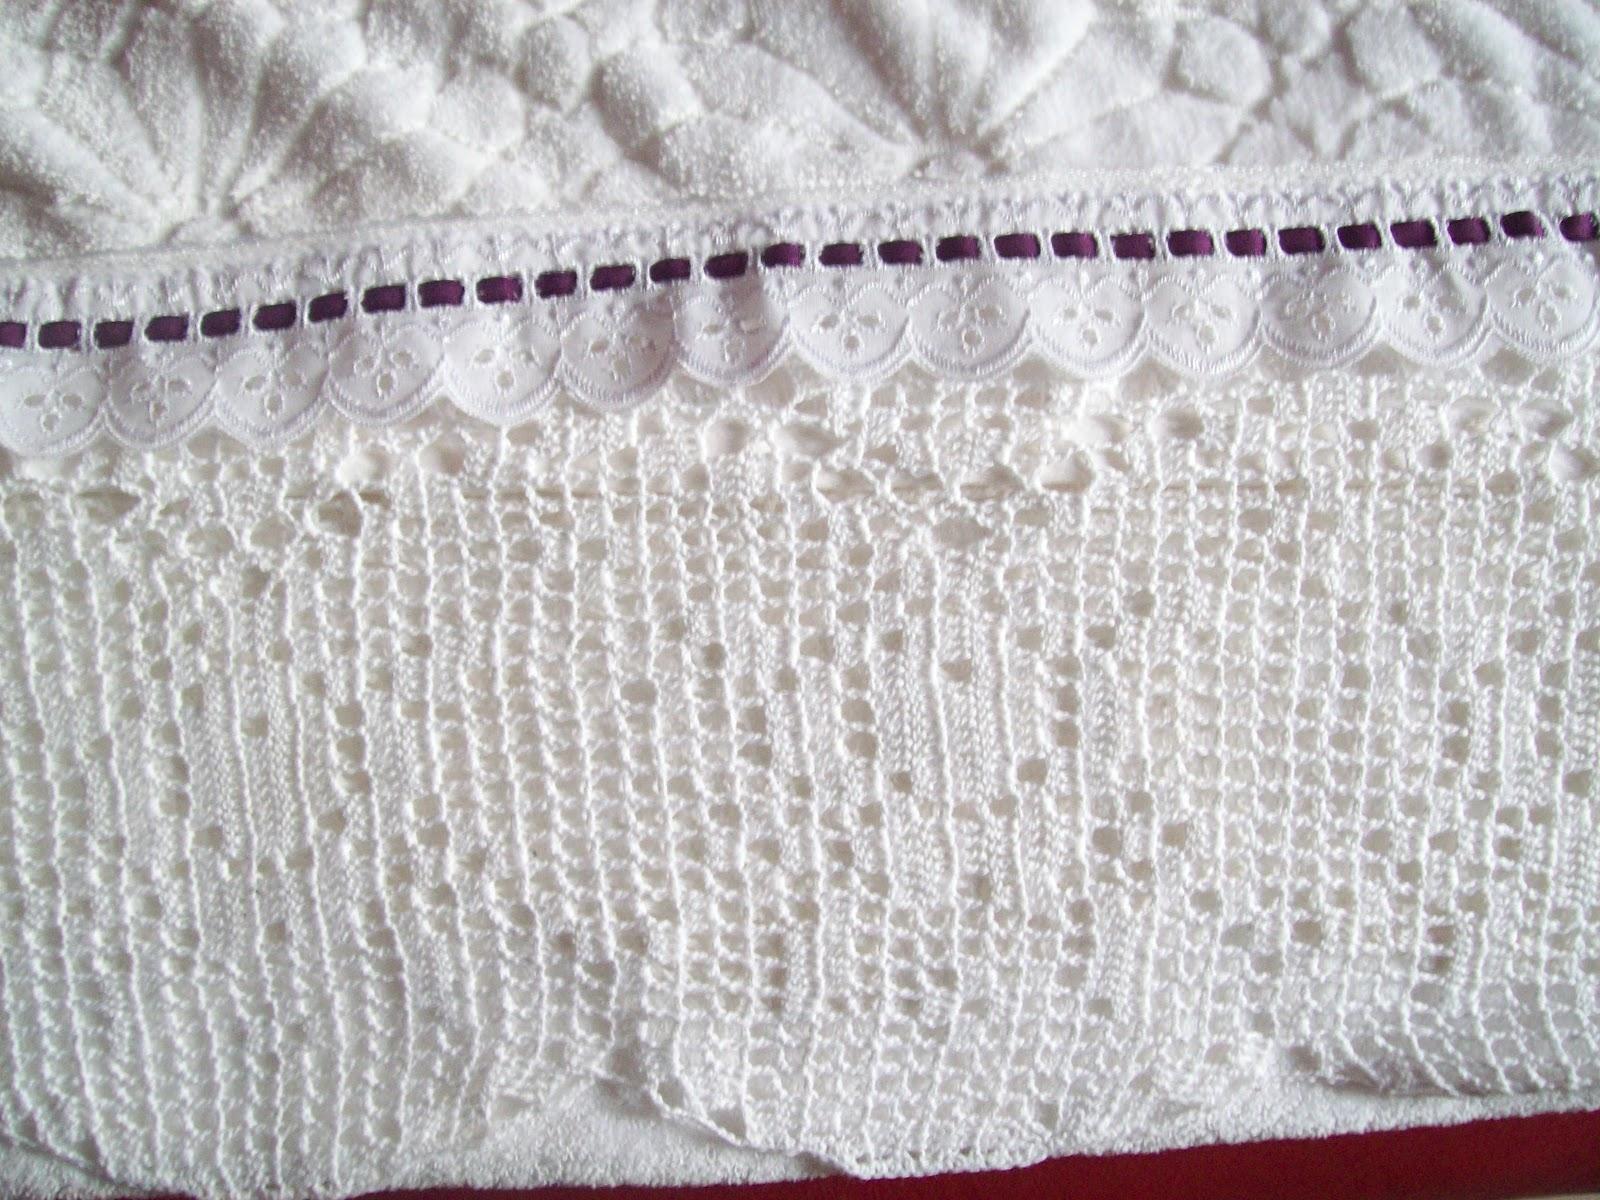 Patrones para tejer puntillas servilletas ganchillo - Patrones de ganchillo ...